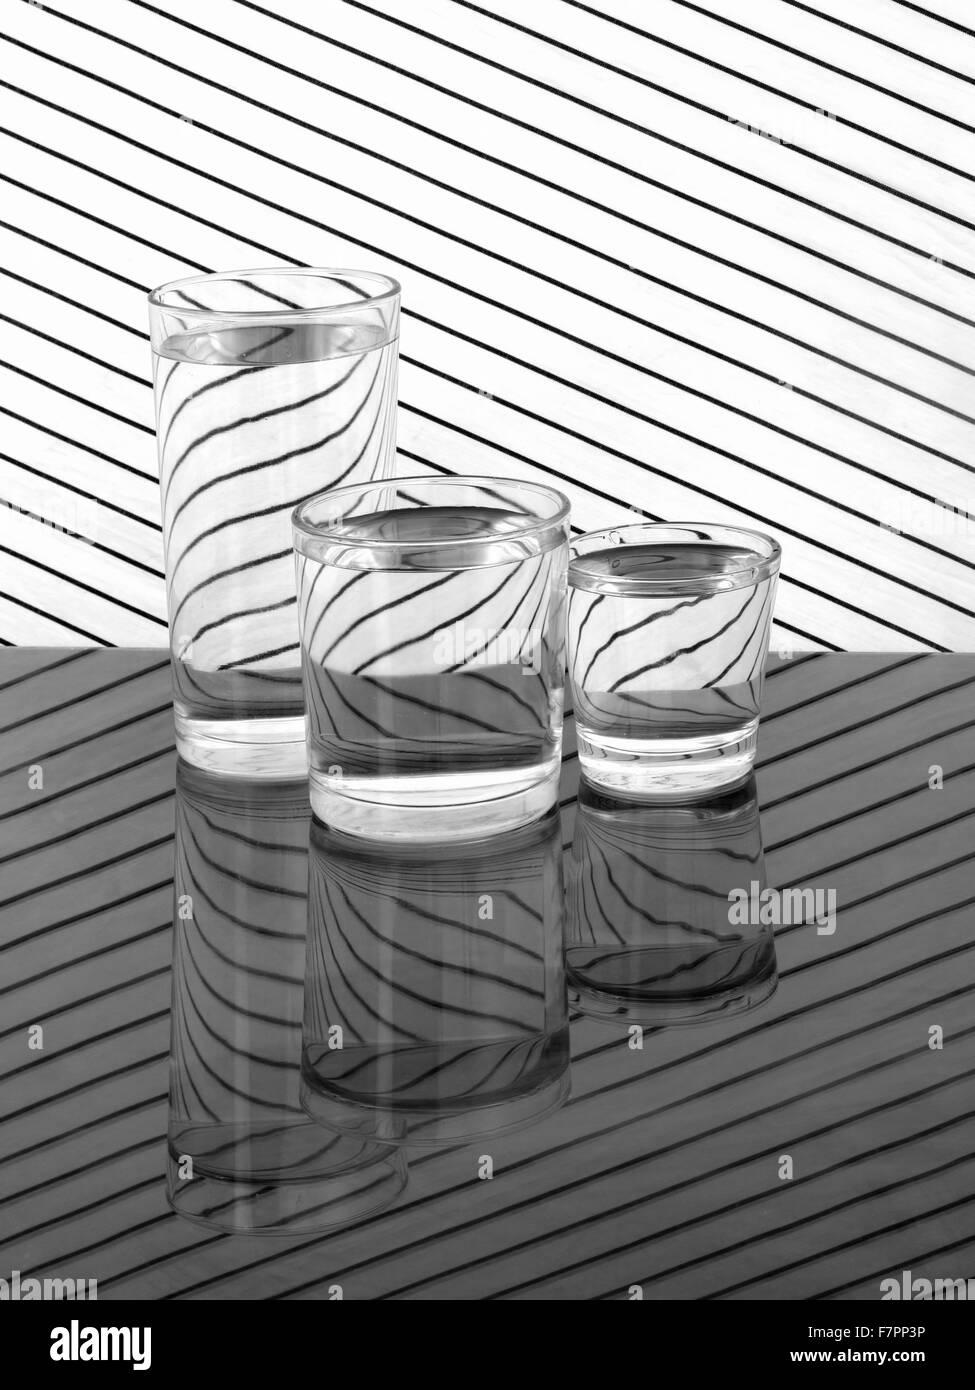 Verres d'eau sur un tissu à rayures - Réfraction et réflexion Photo Stock